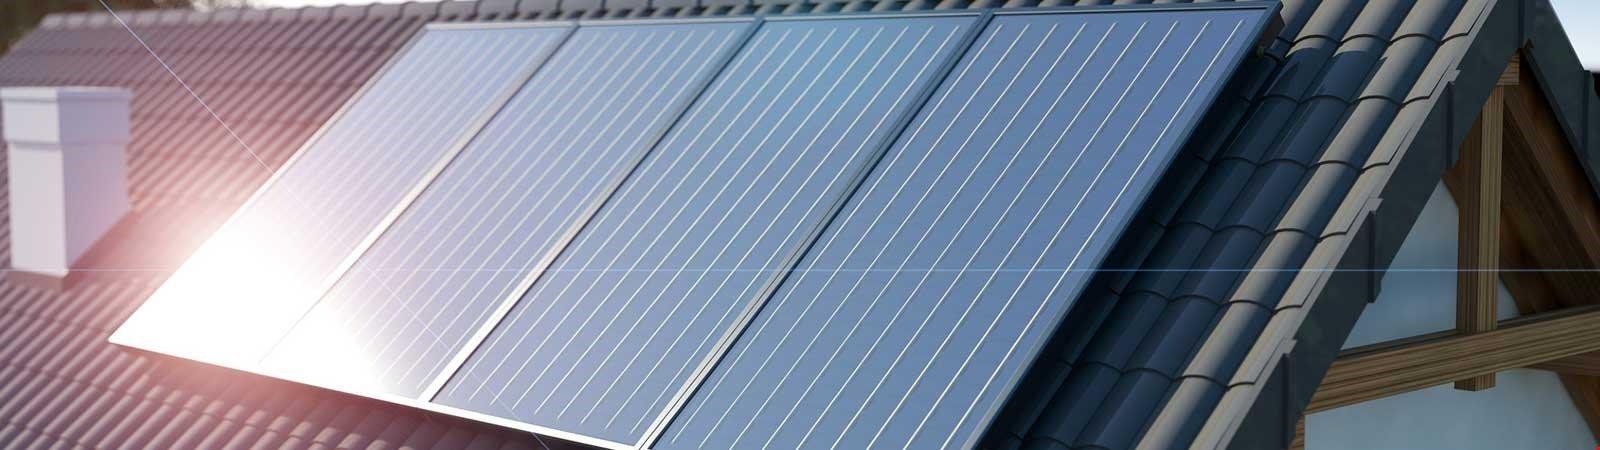 Solarenergie: Heizungswärme und Strom aus Sonnenlicht